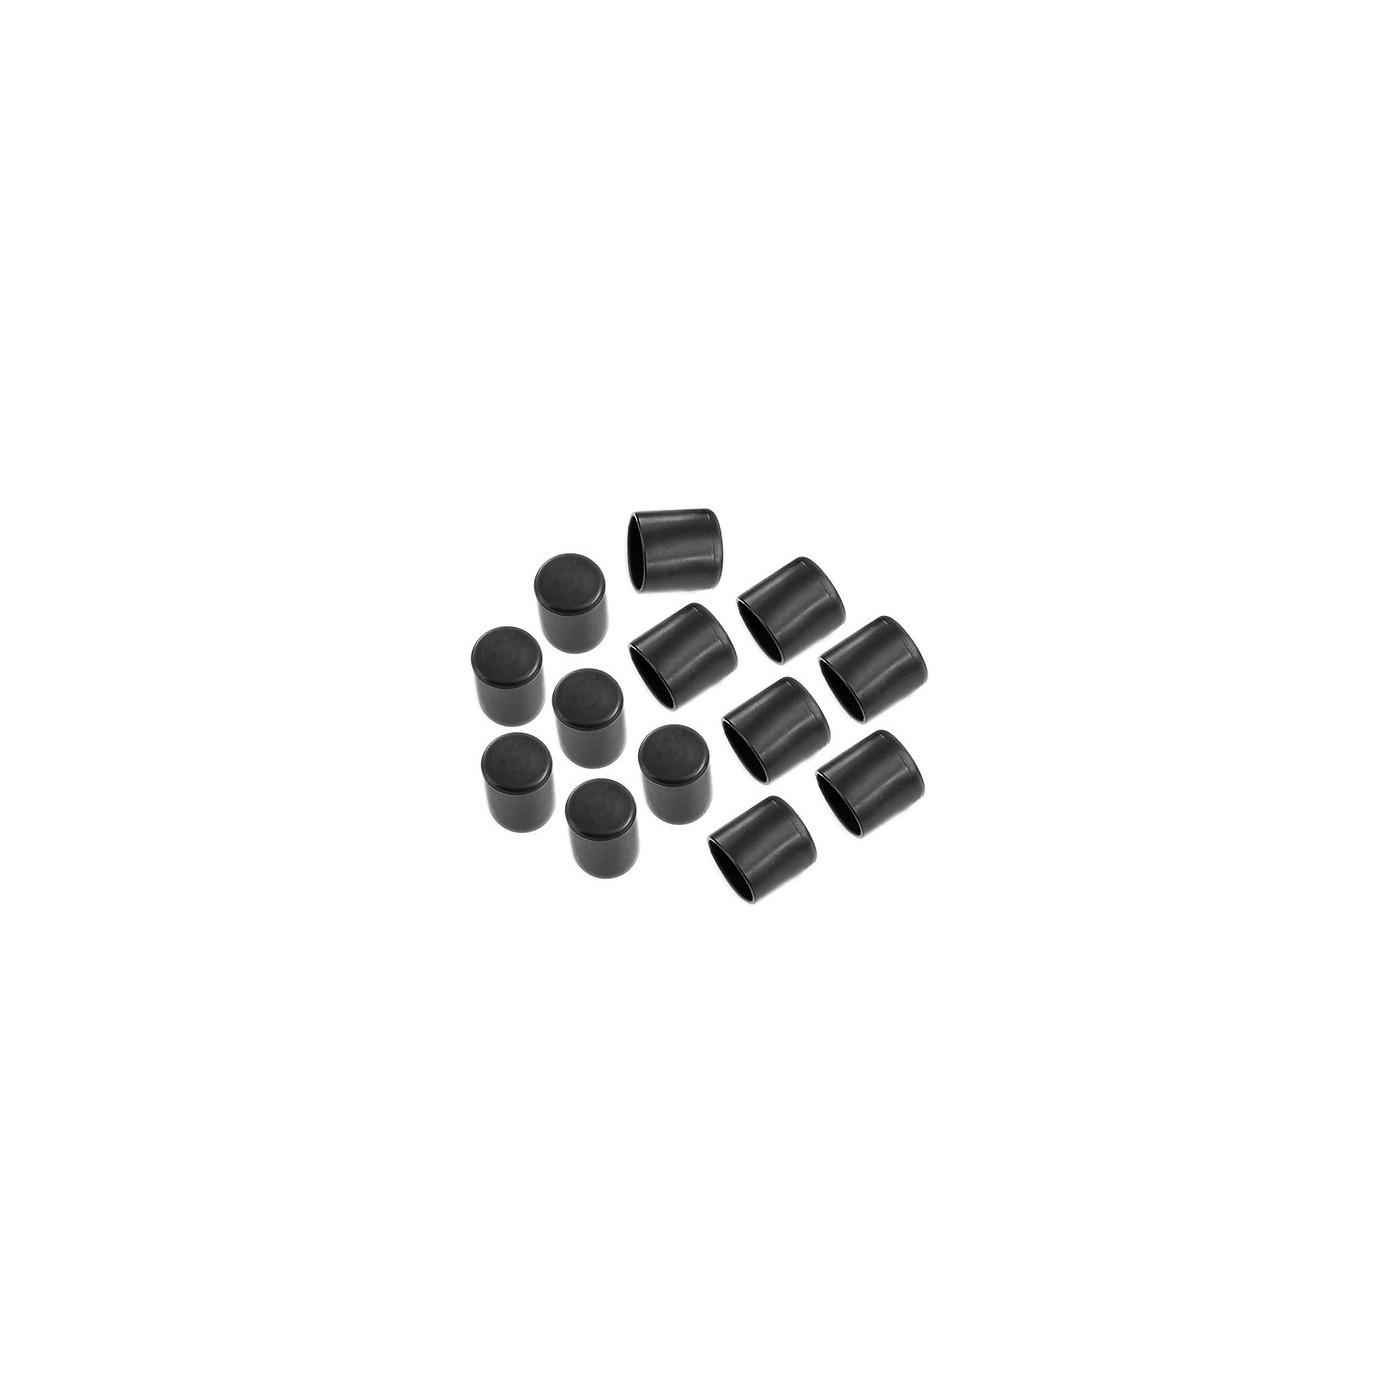 Set van 32 siliconen stoelpootdoppen (omdop, rond, 19 mm, zwart) [O-RO-19-B]  - 1